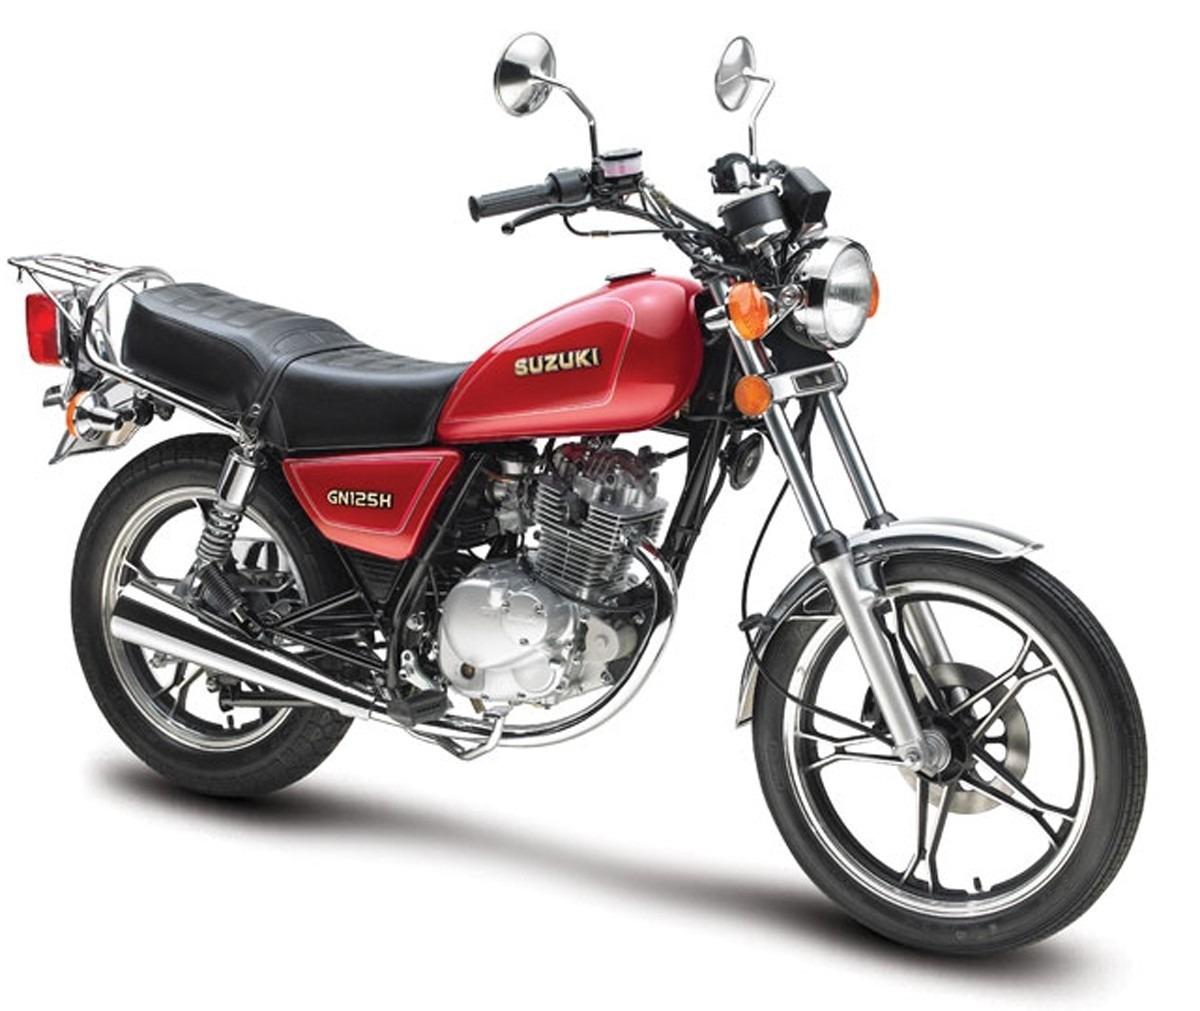 1000 images about moto on pinterest honda grom. Black Bedroom Furniture Sets. Home Design Ideas